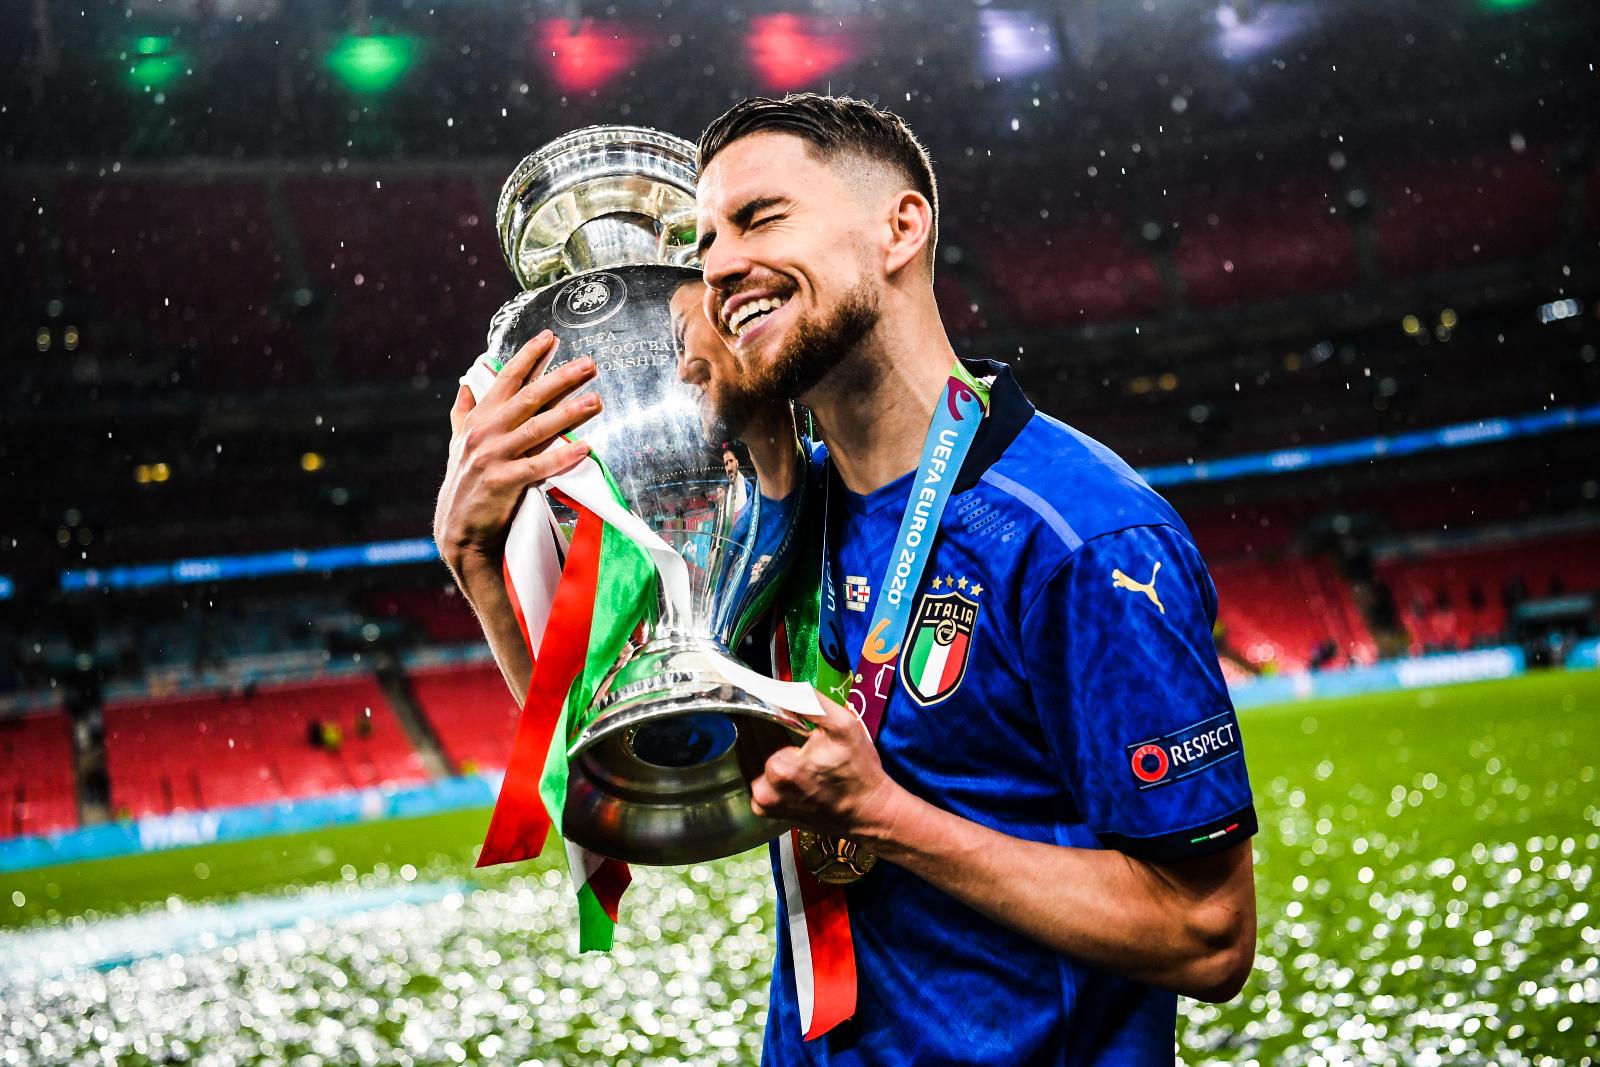 Jorginho, vainqueur de la Ligue des champions et de l'Euro, peut-il remporter le Ballon d'Or 2021 ? Icon Sport